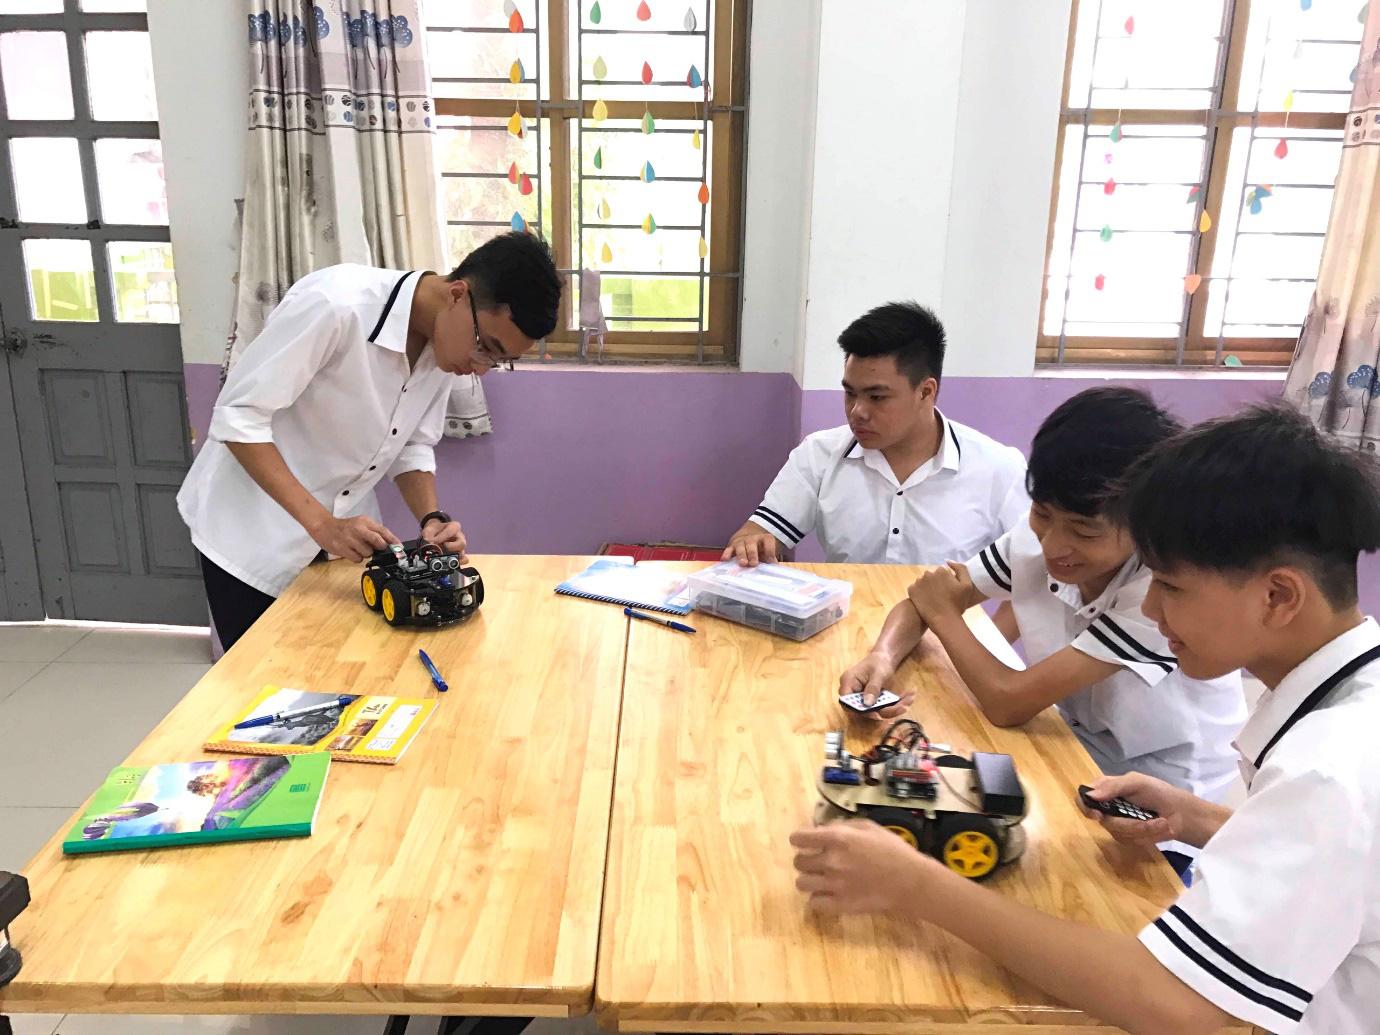 Lớp 10 khởi nghiệp kinh doanh thu hút giới trẻ Hà Nội - Ảnh 5.